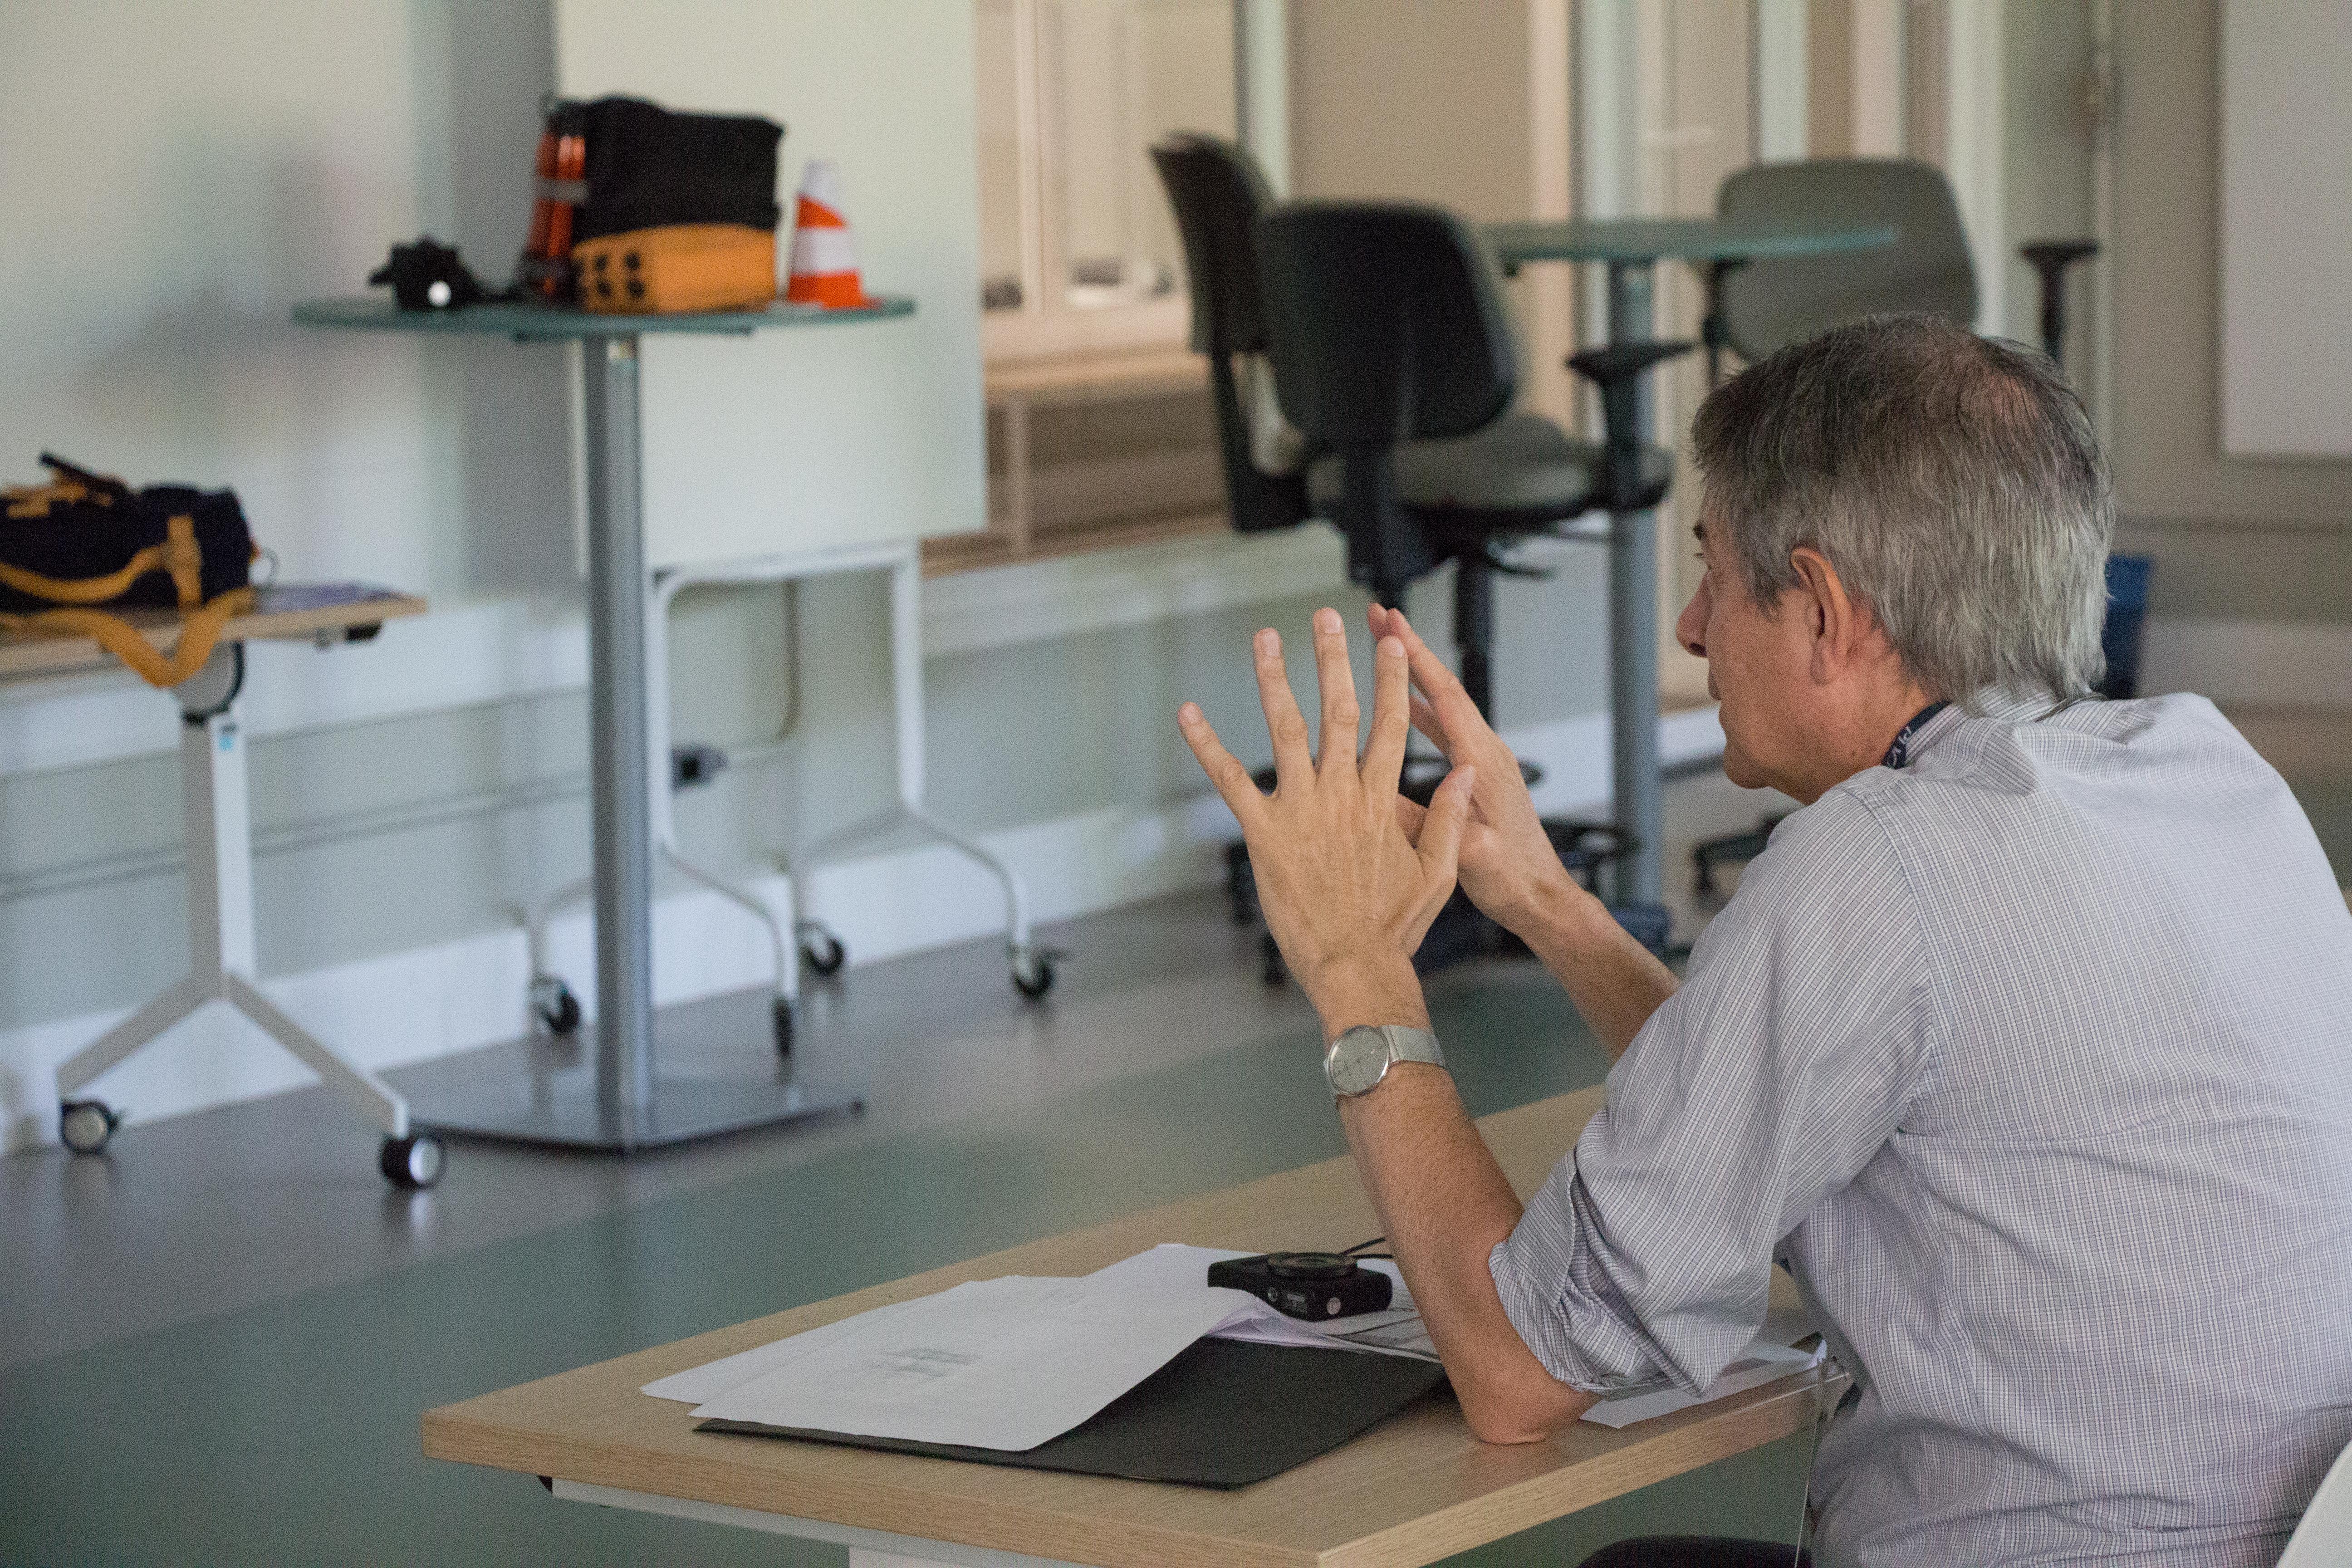 Apresentação dos protótipos criados na disciplina de Laboratório Interdisciplinar de Design II, dos cursos de Design